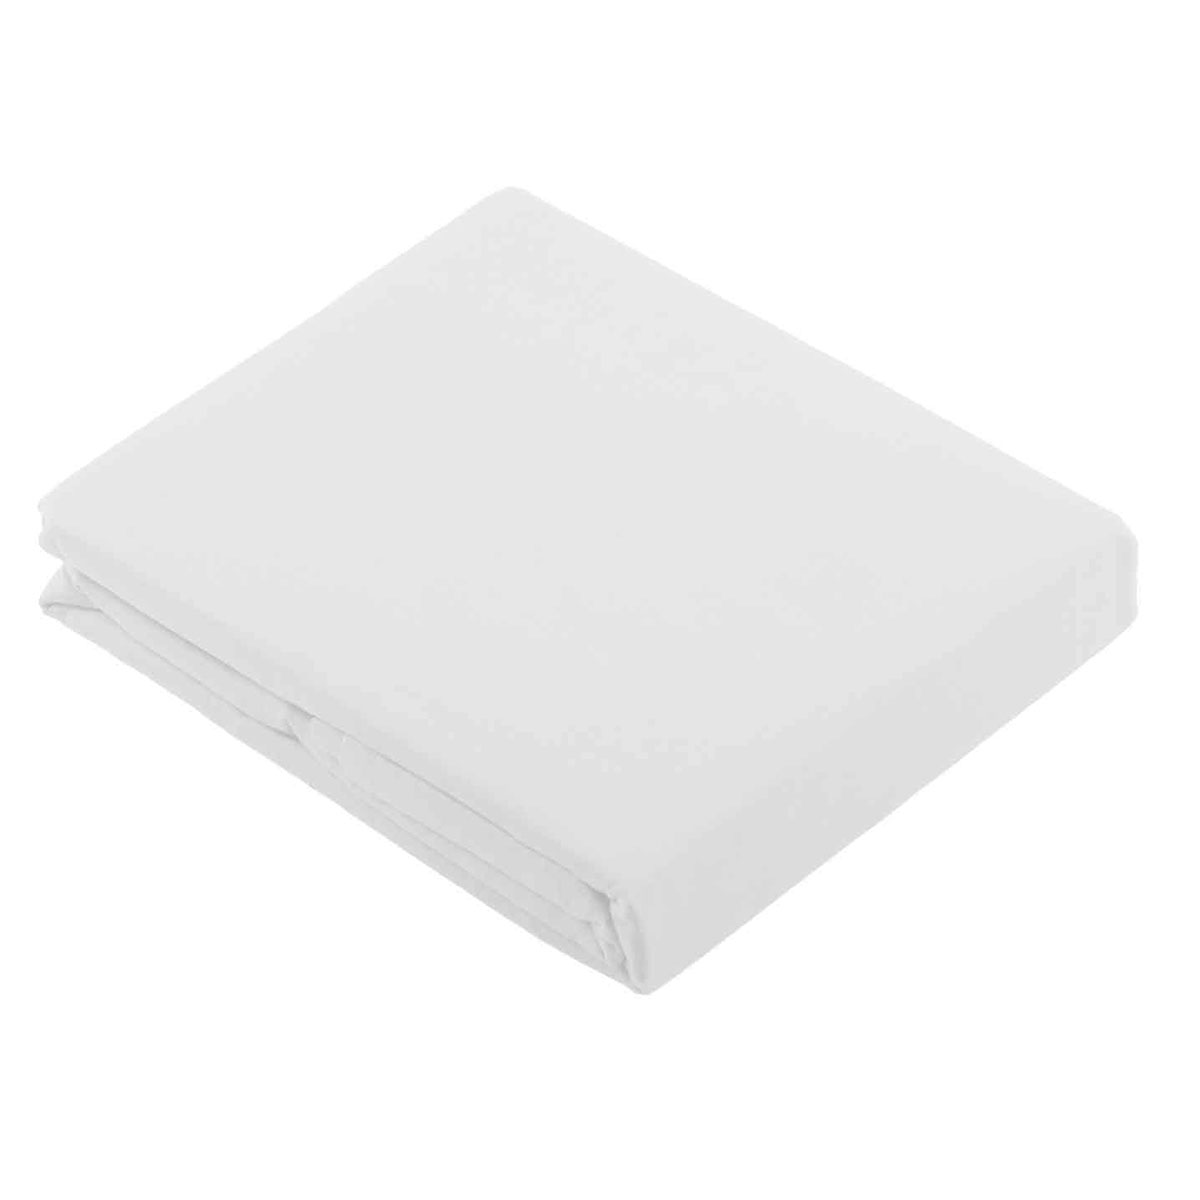 Drap Plat uni en Coton (Blanc)